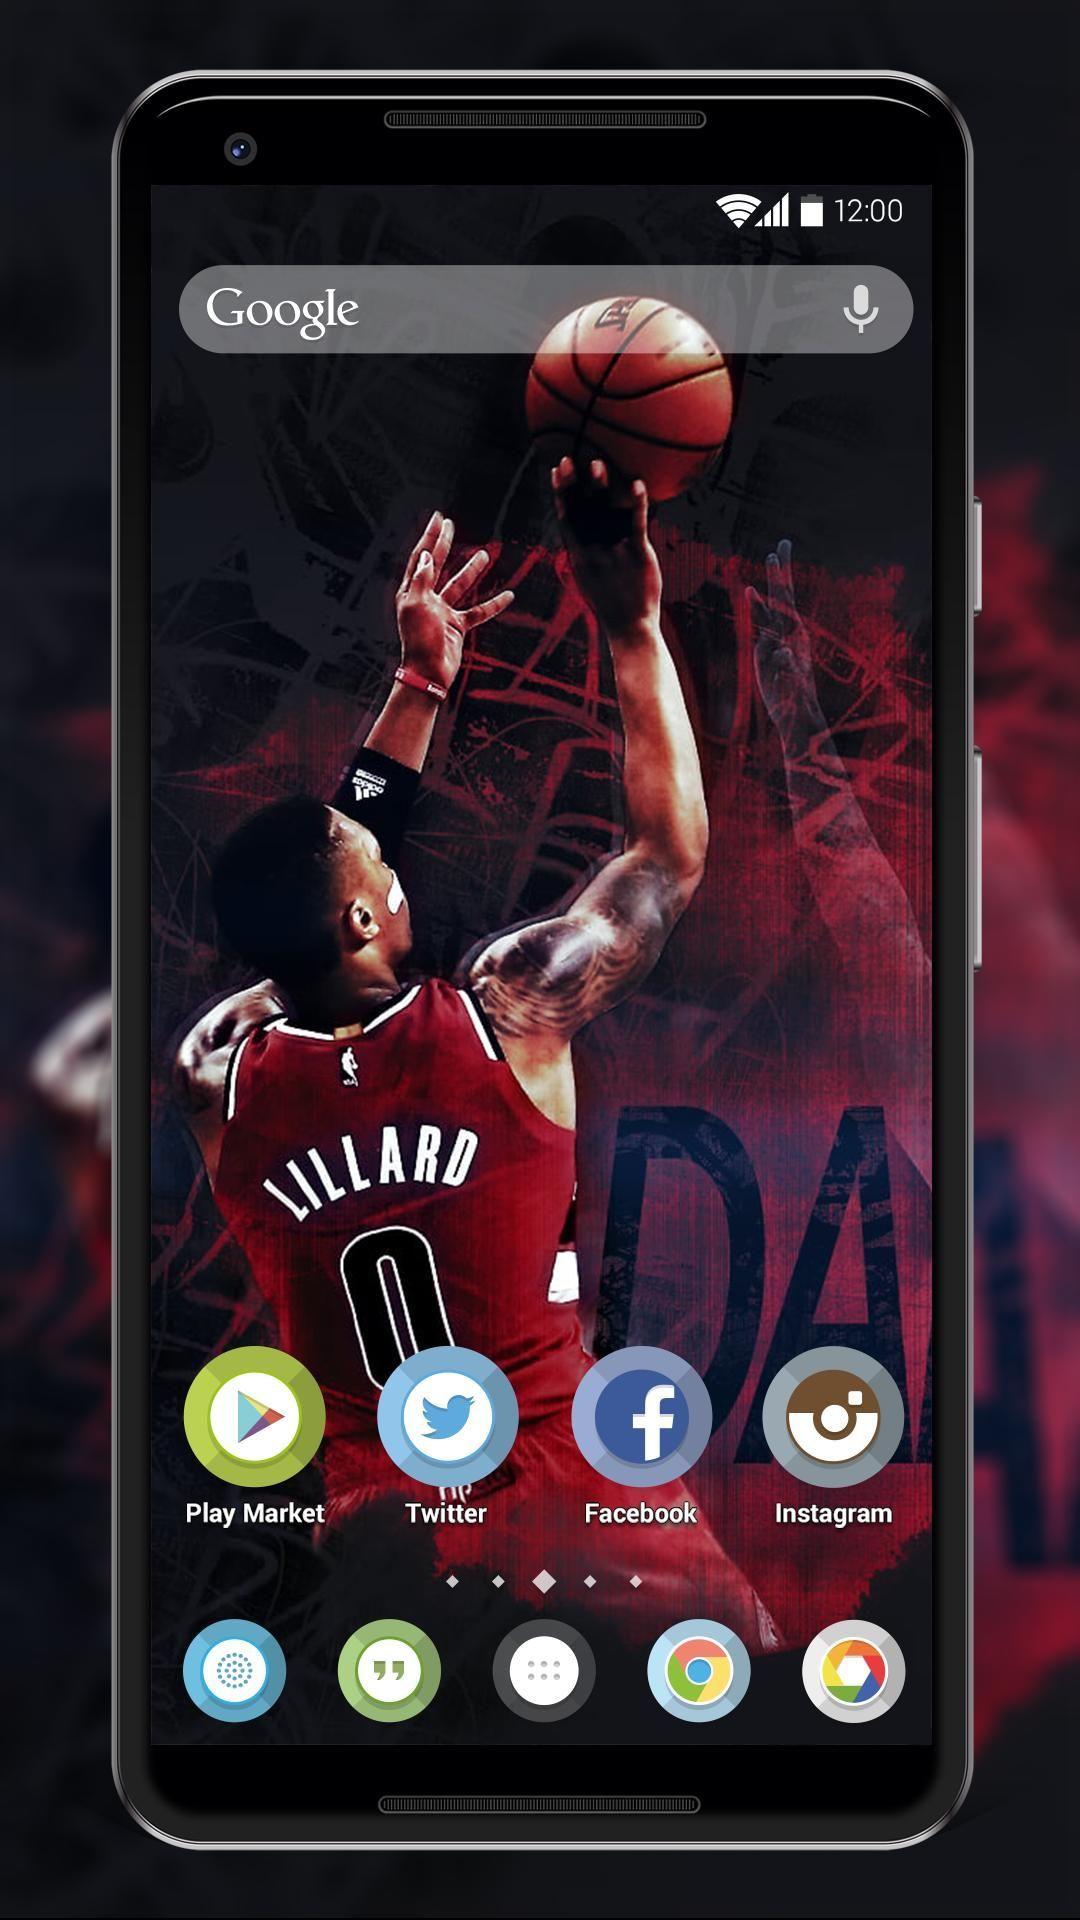 Logo Nba Hd Wallpaper Android Android logo nba